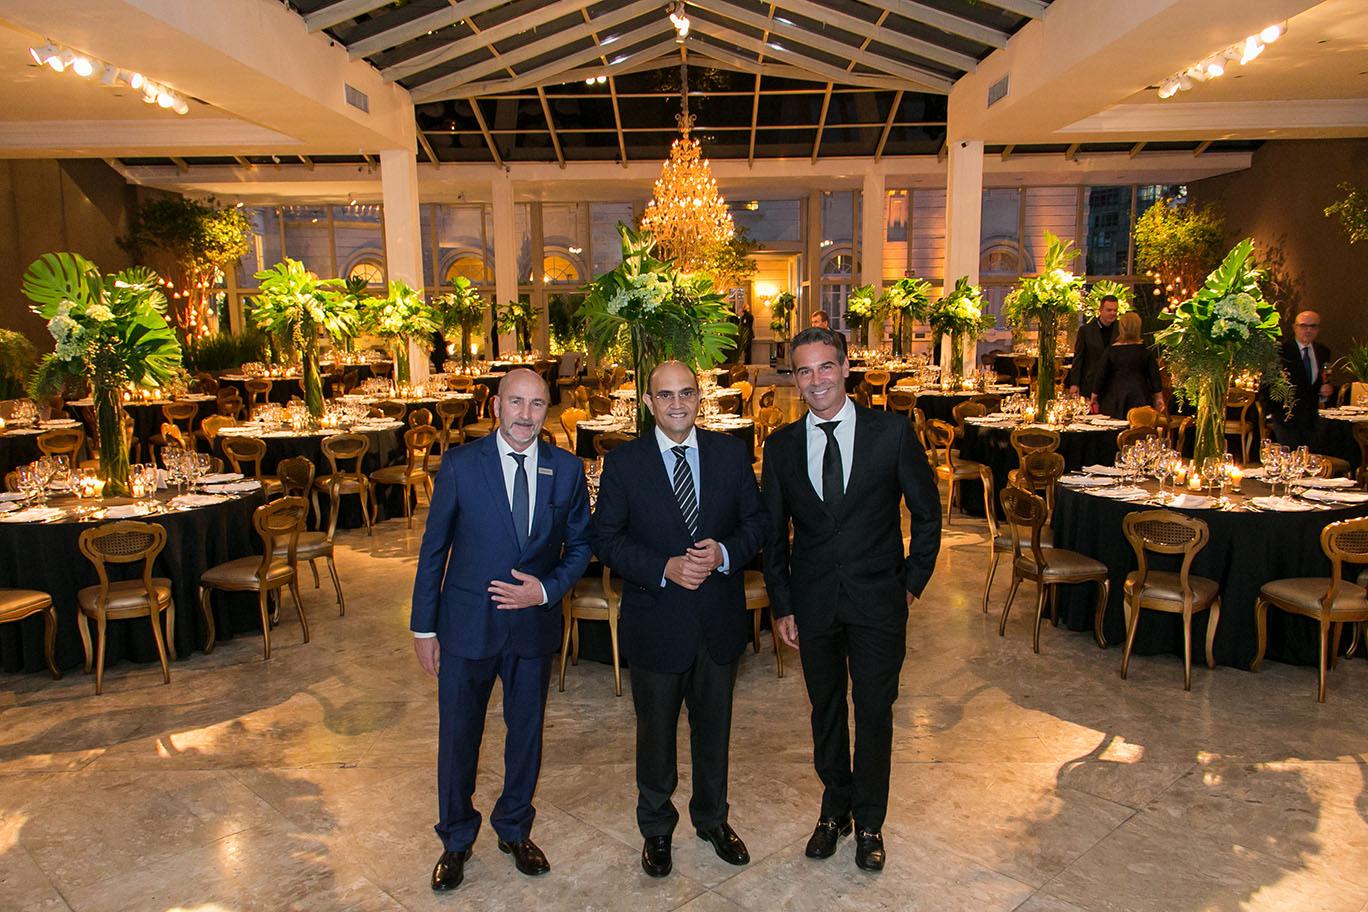 Nelson Marinelli, Silvestre Segarra e o designer de interiores Marcos Soares (à dir.), que assinou a decoração da festa.